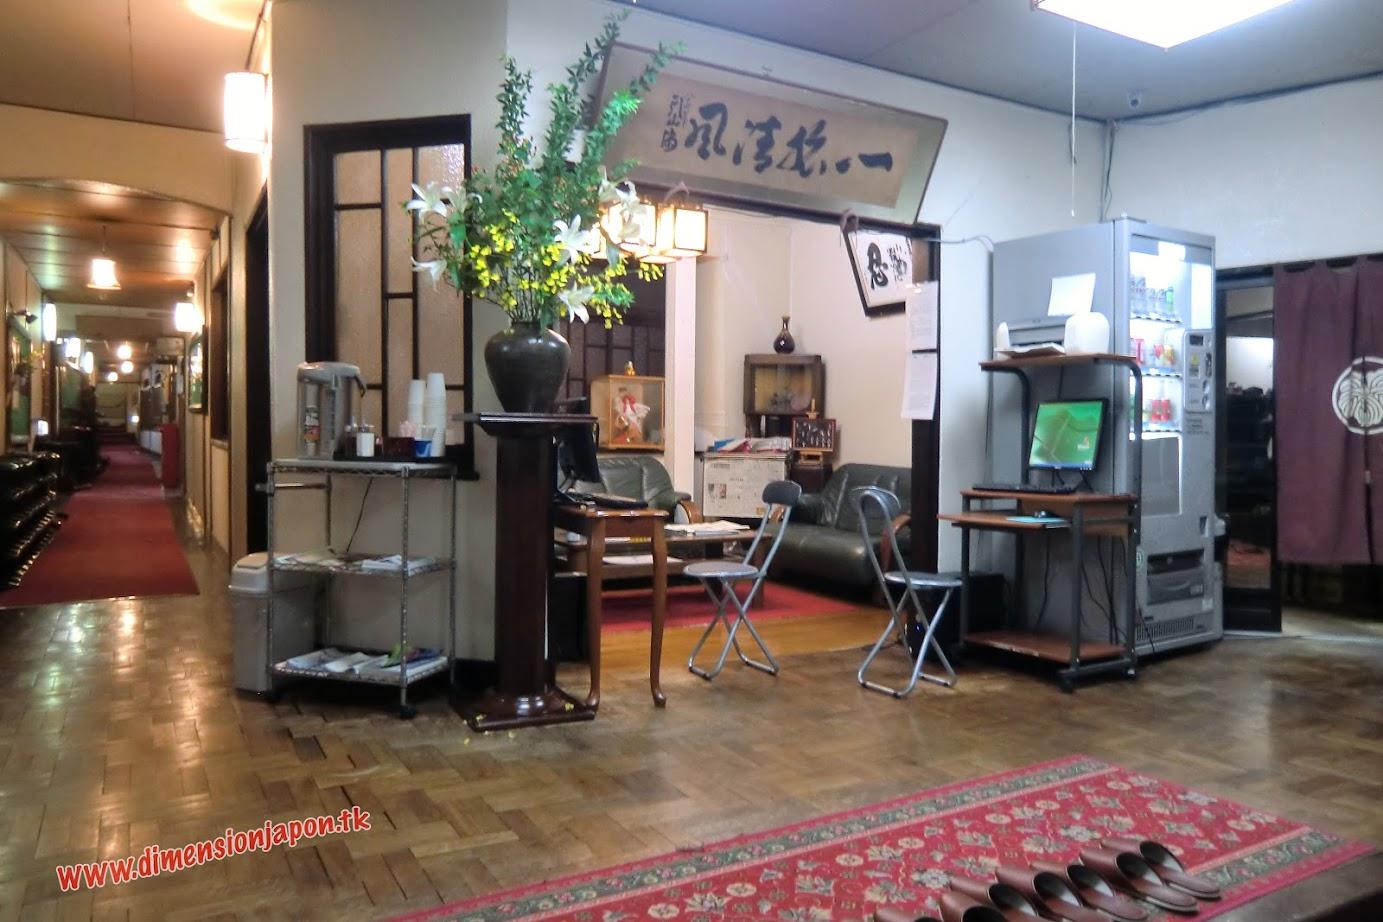 CIMG1554 Recepcion del Ryokan Kashima Honkan (Fukuoka) 15-07-2010